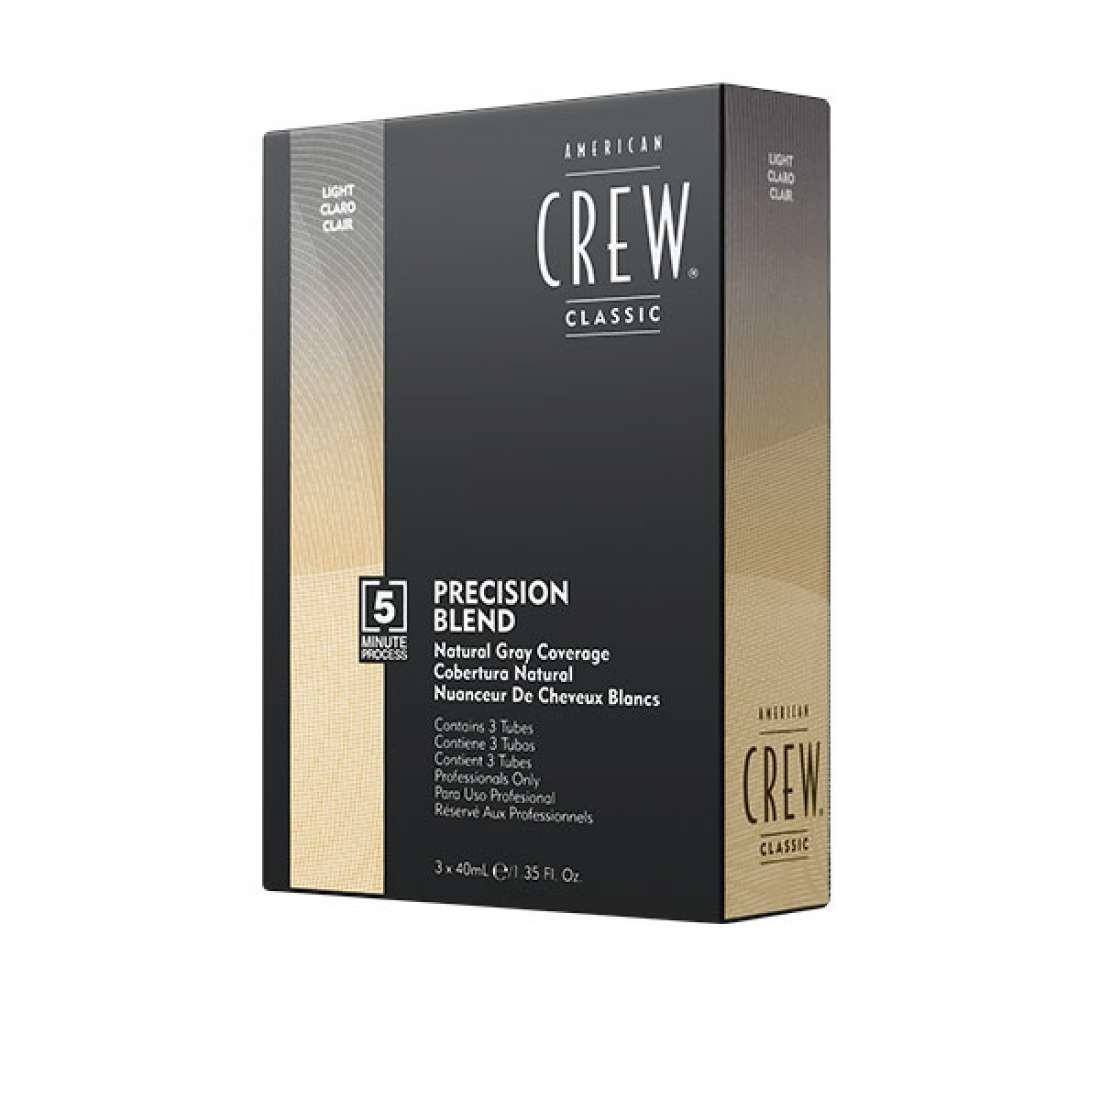 Система маскировки седины American Crew Precision Blend Light уровень 7-8 3 х 40 мл